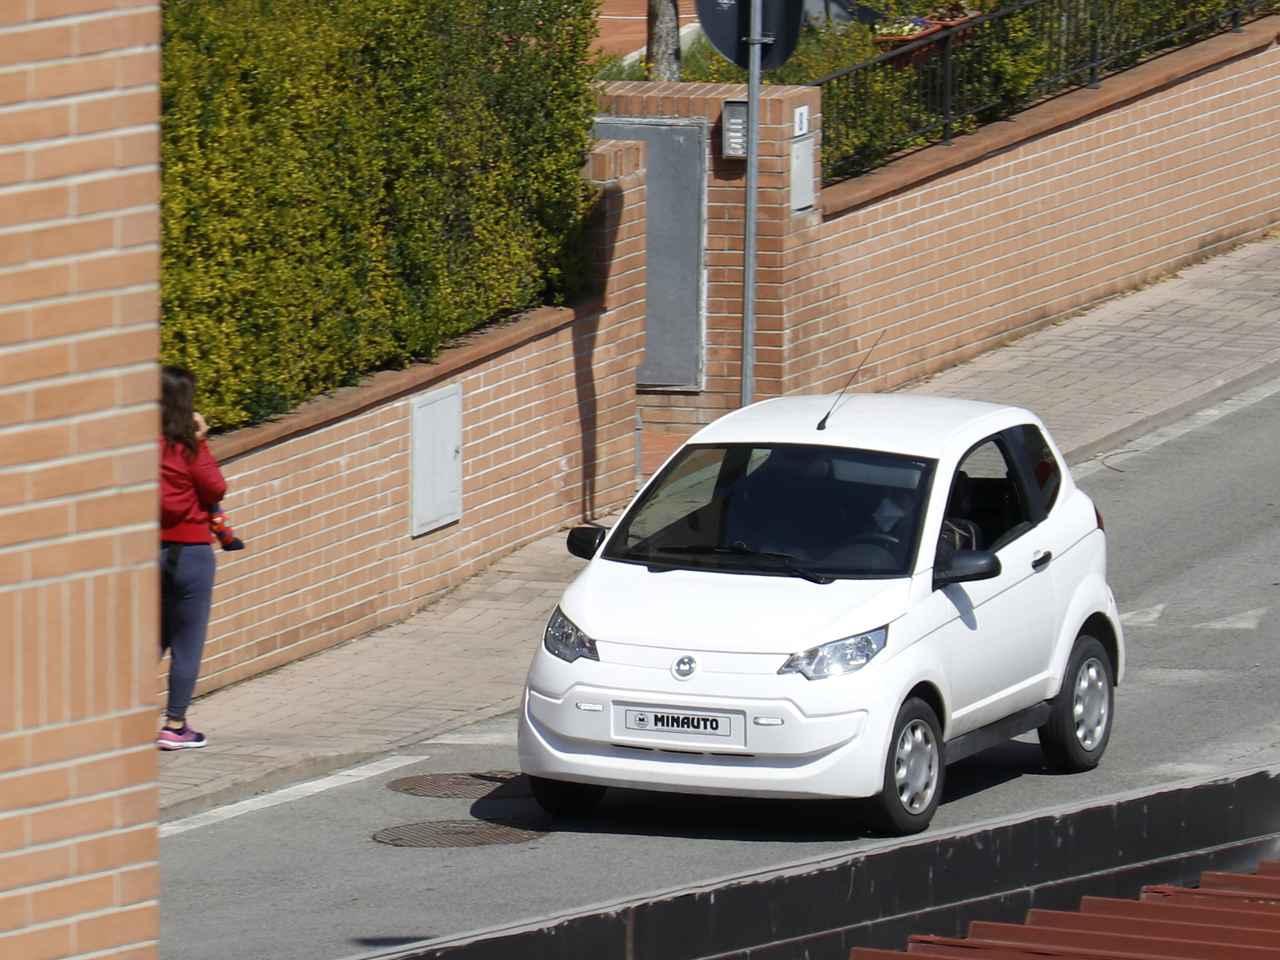 画像: エクサム(フランス)の「ミニオト」。道路運送車両法上は原付き2輪に準ずる扱いなので、前部にナンバーは不要である。